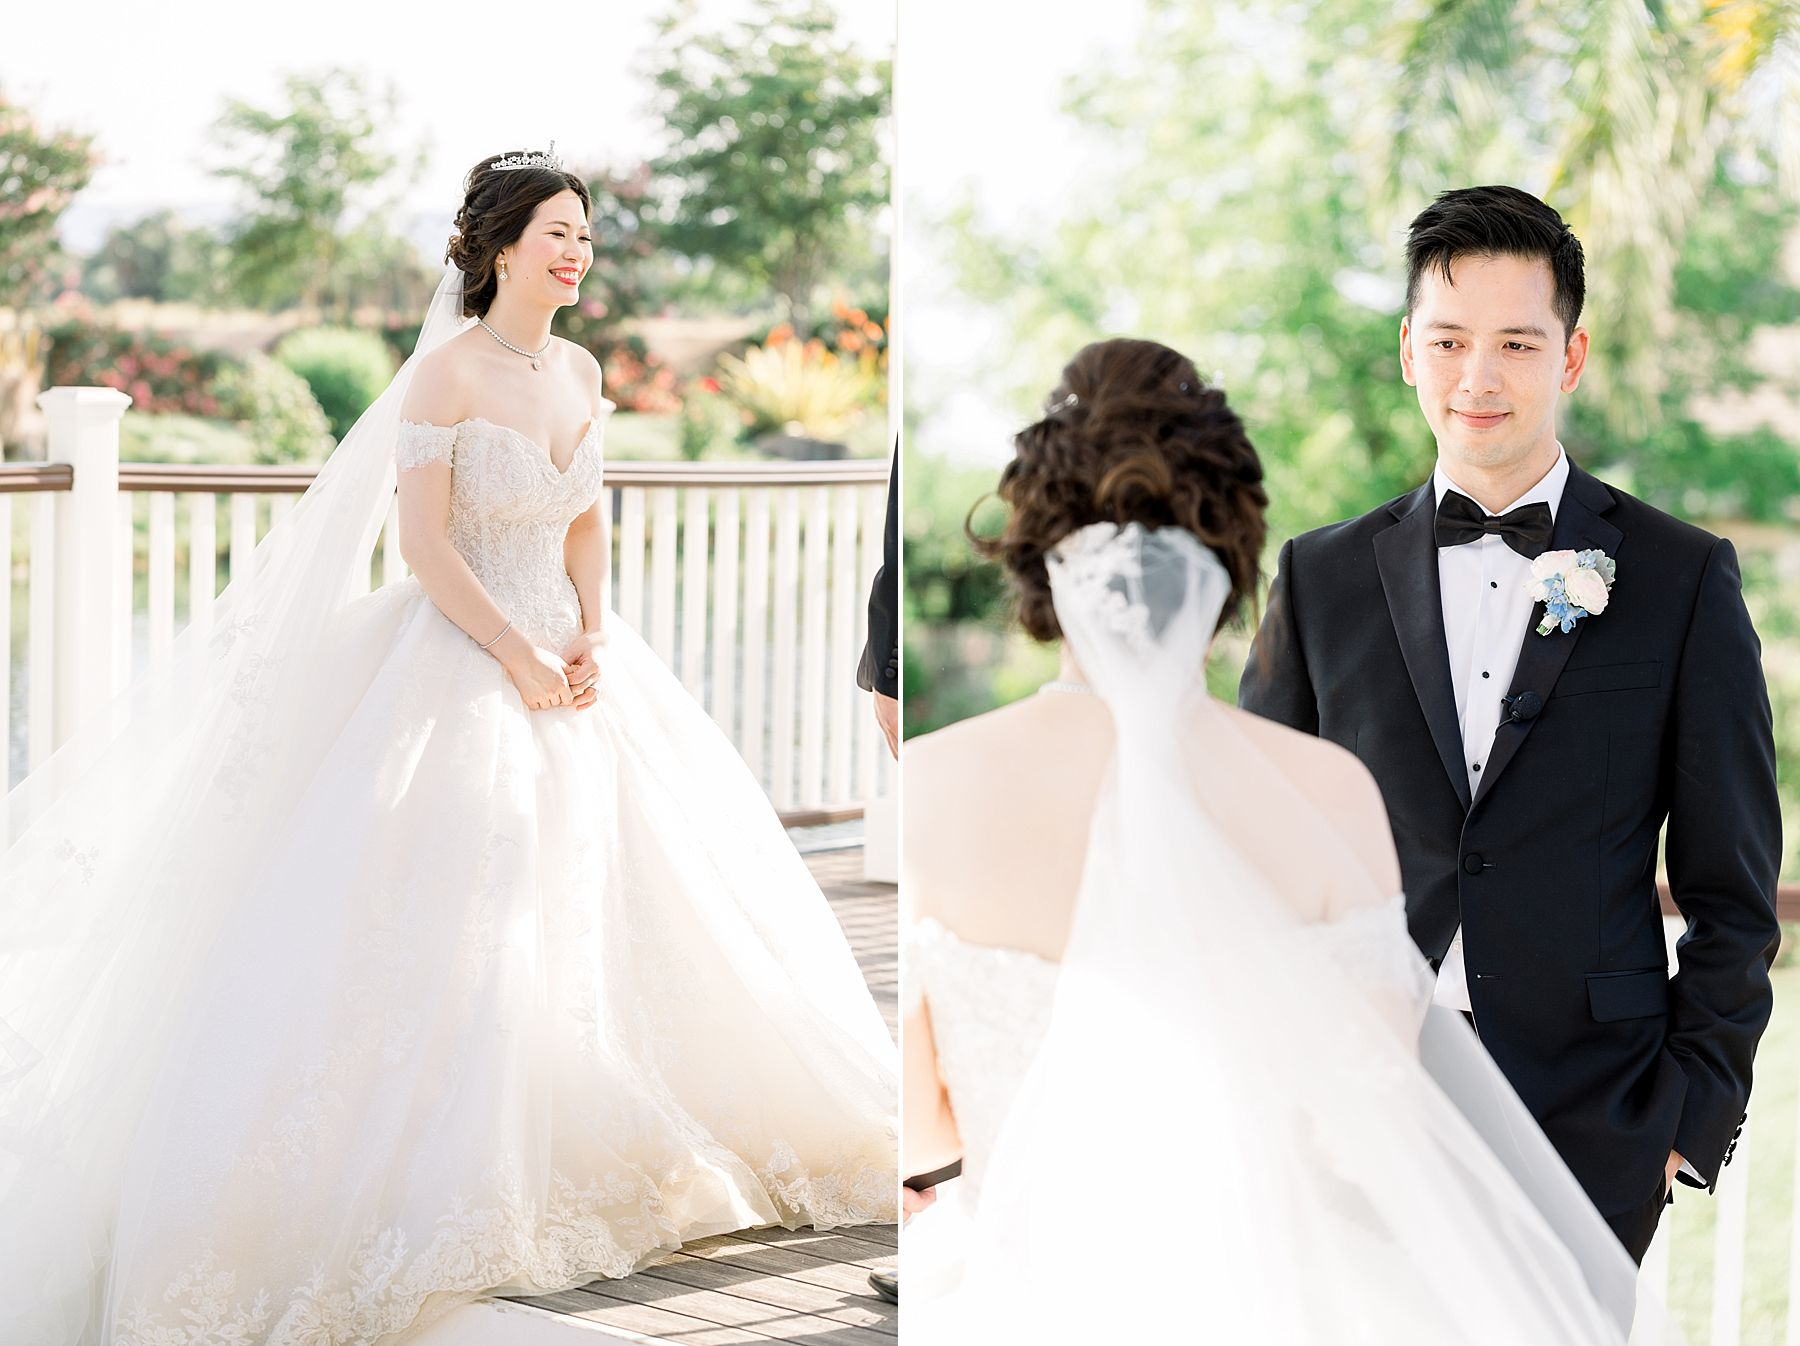 Newberry Estate Vineyards Wedding - Ashley Baumgartner - Jasmine and Johhny - Bay Area Wedding Photographer - Sacramento Wedding Photographer_0035.jpg